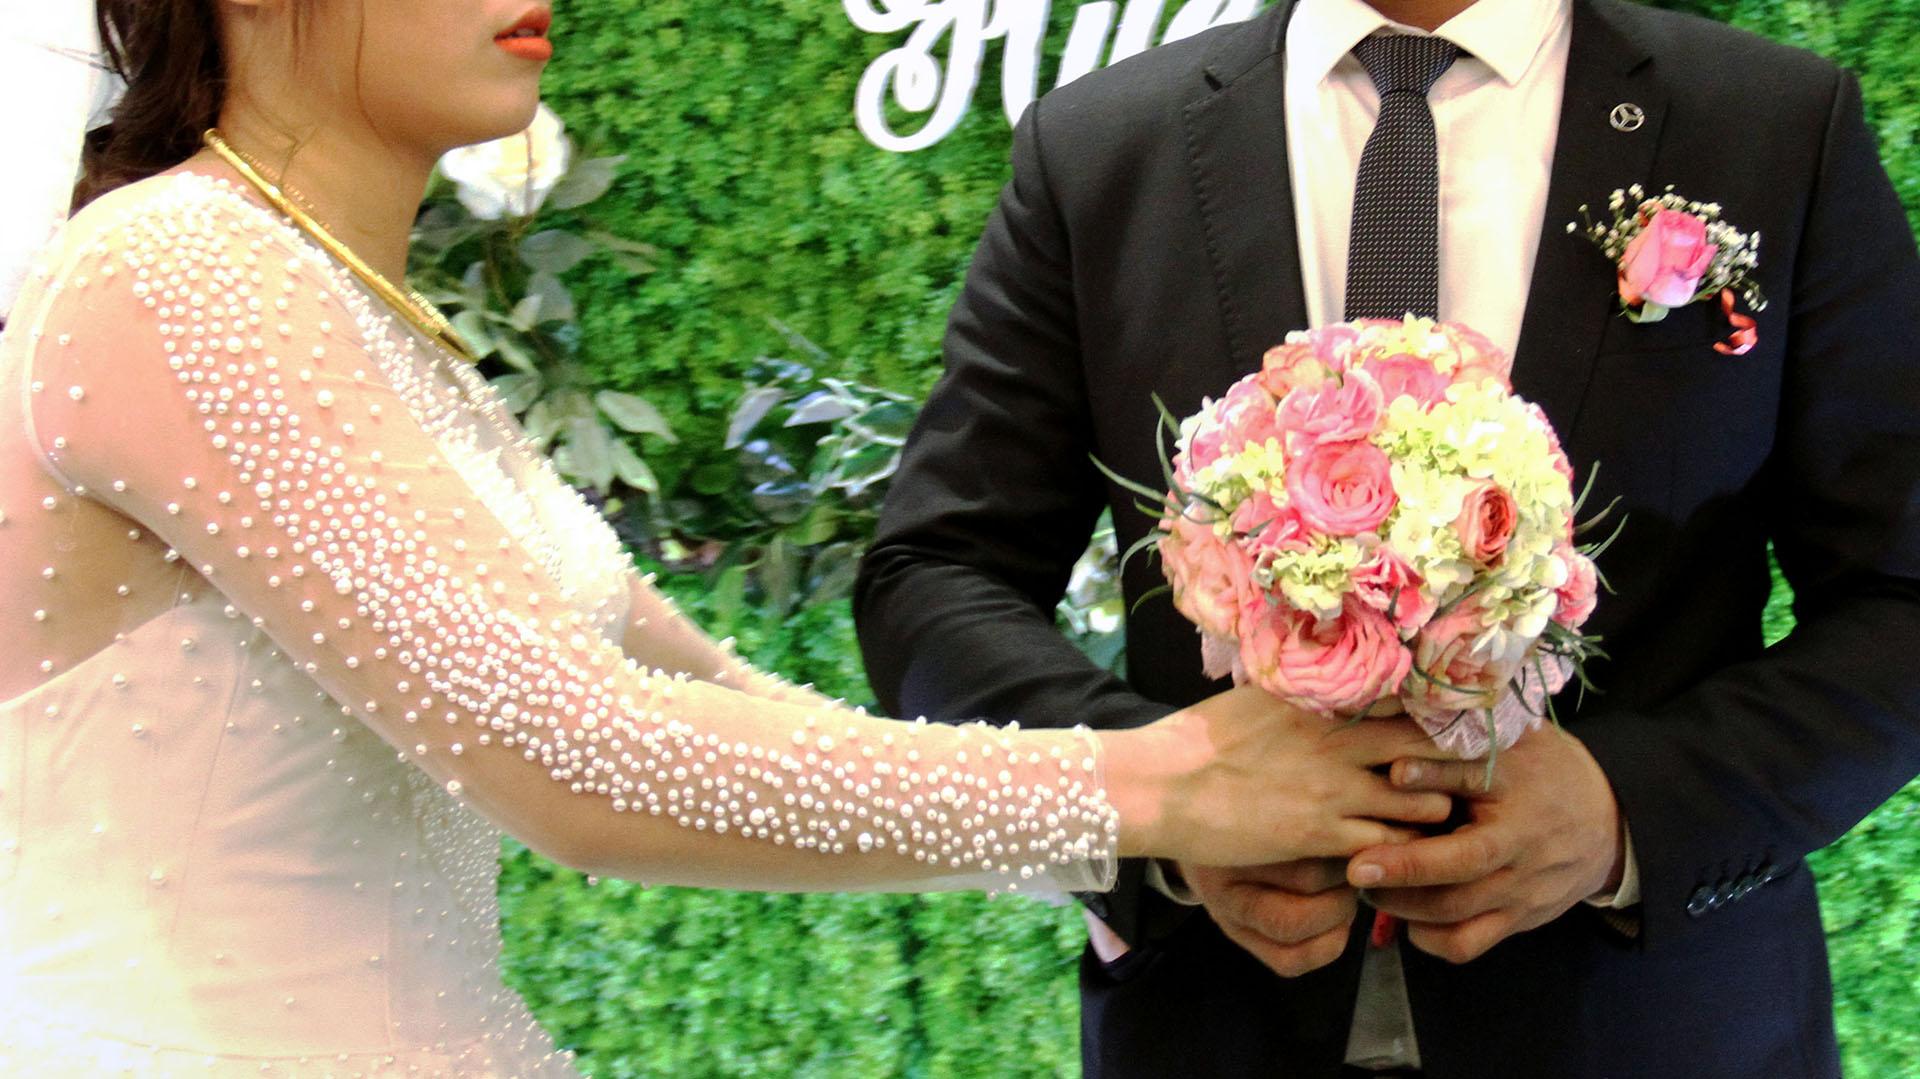 Una pareja de enamorados, cuya unión fue rechazada por sus familias, decidió casarse de todas formas con la asistencia de una familiar alquilada (AFP)